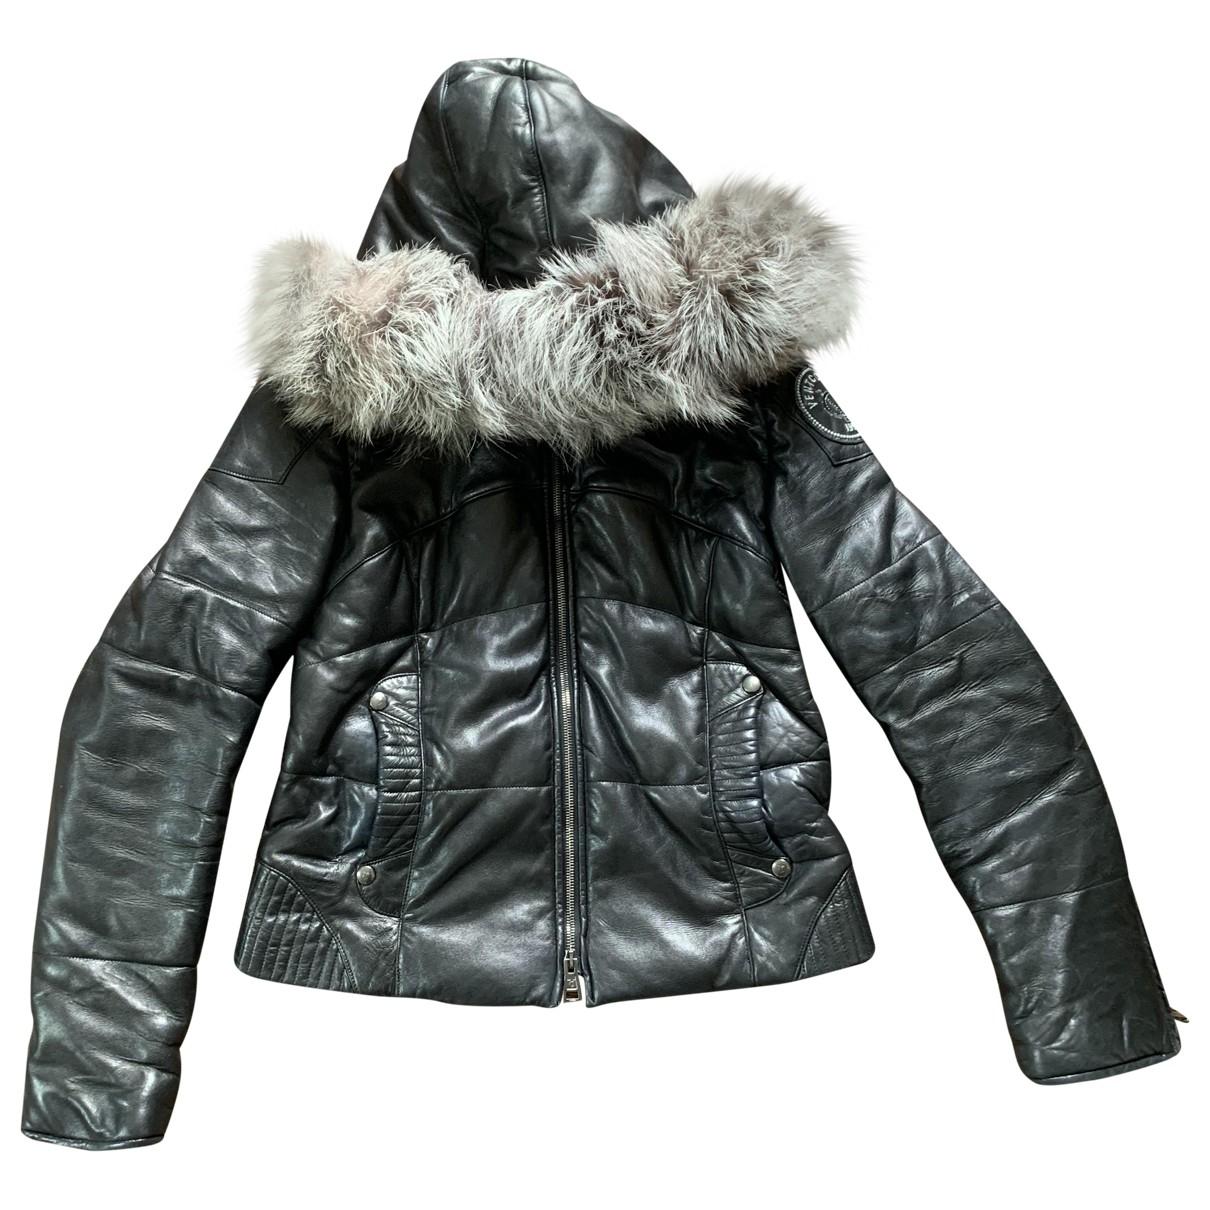 Ventcouvert \N Black Leather coat for Women 40 FR